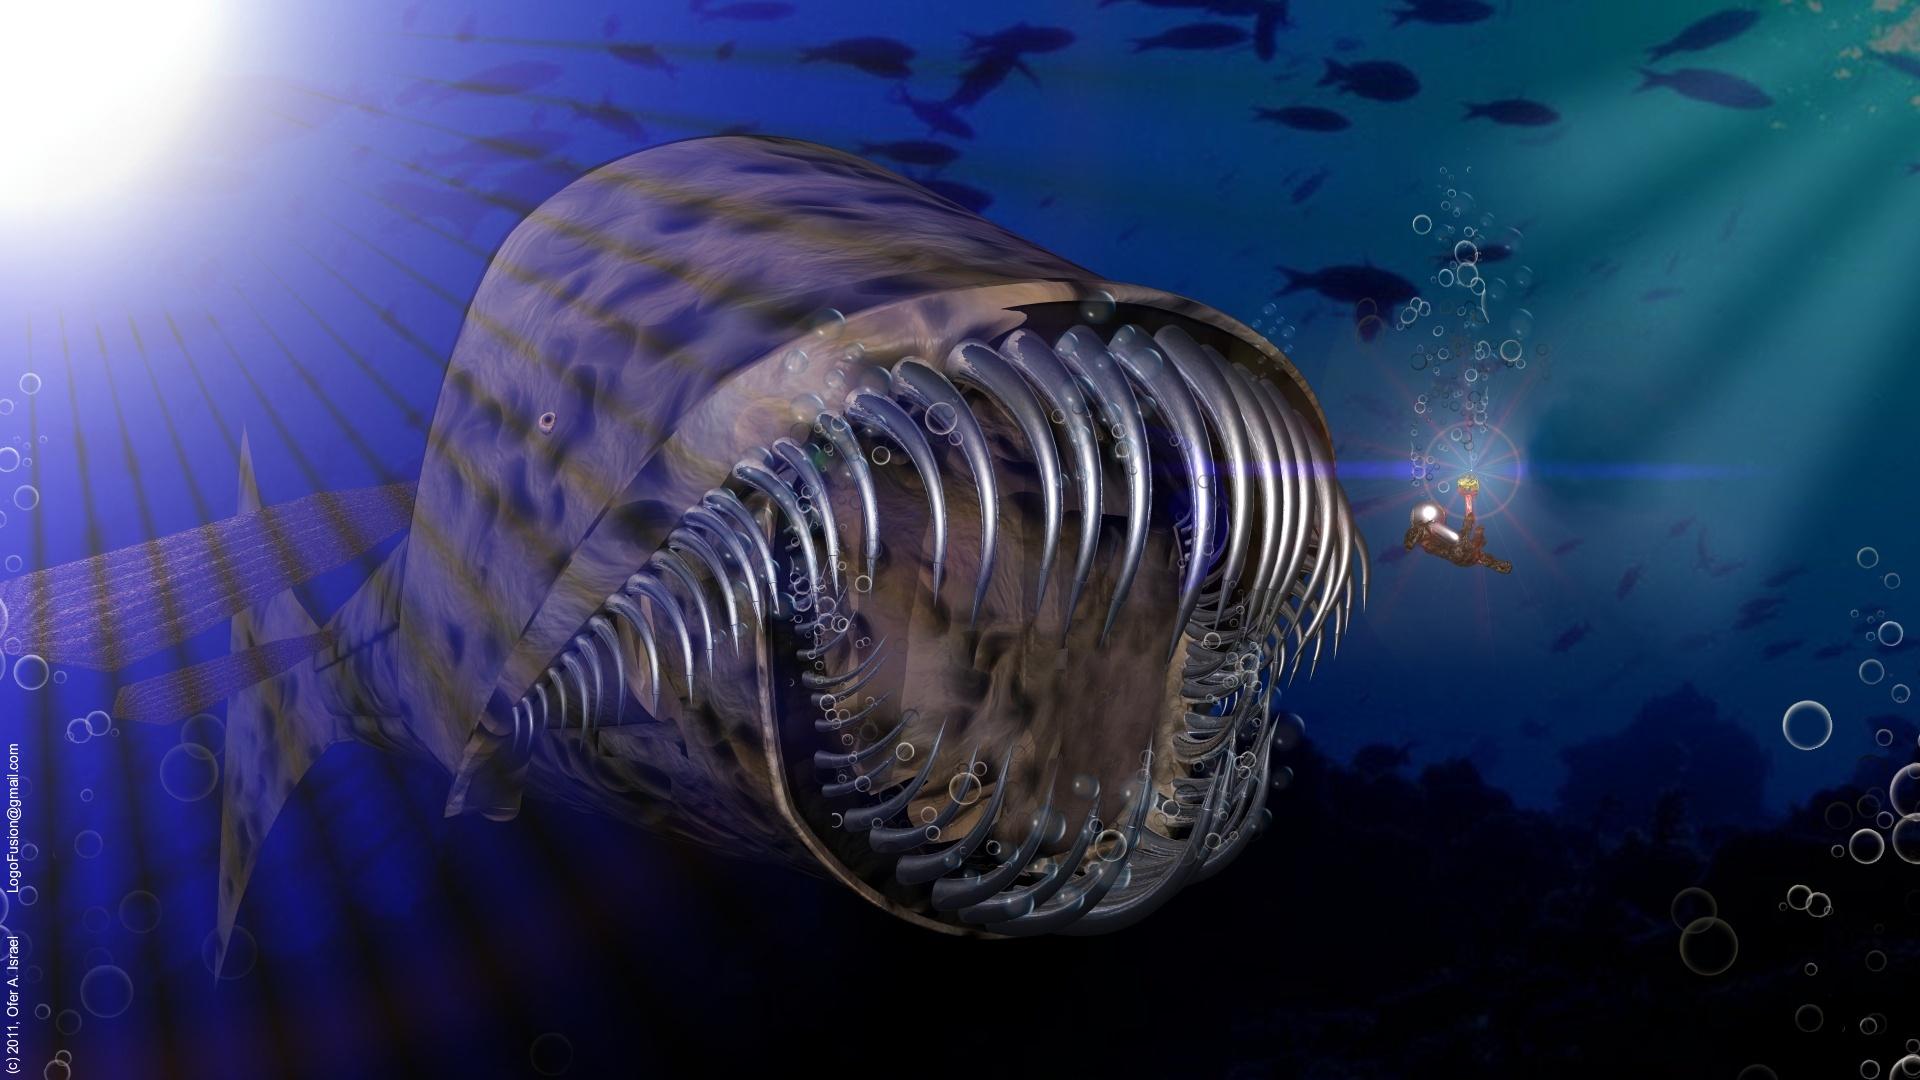 sawtooth whale - wallpaperh-o-t-g-o-d on deviantart